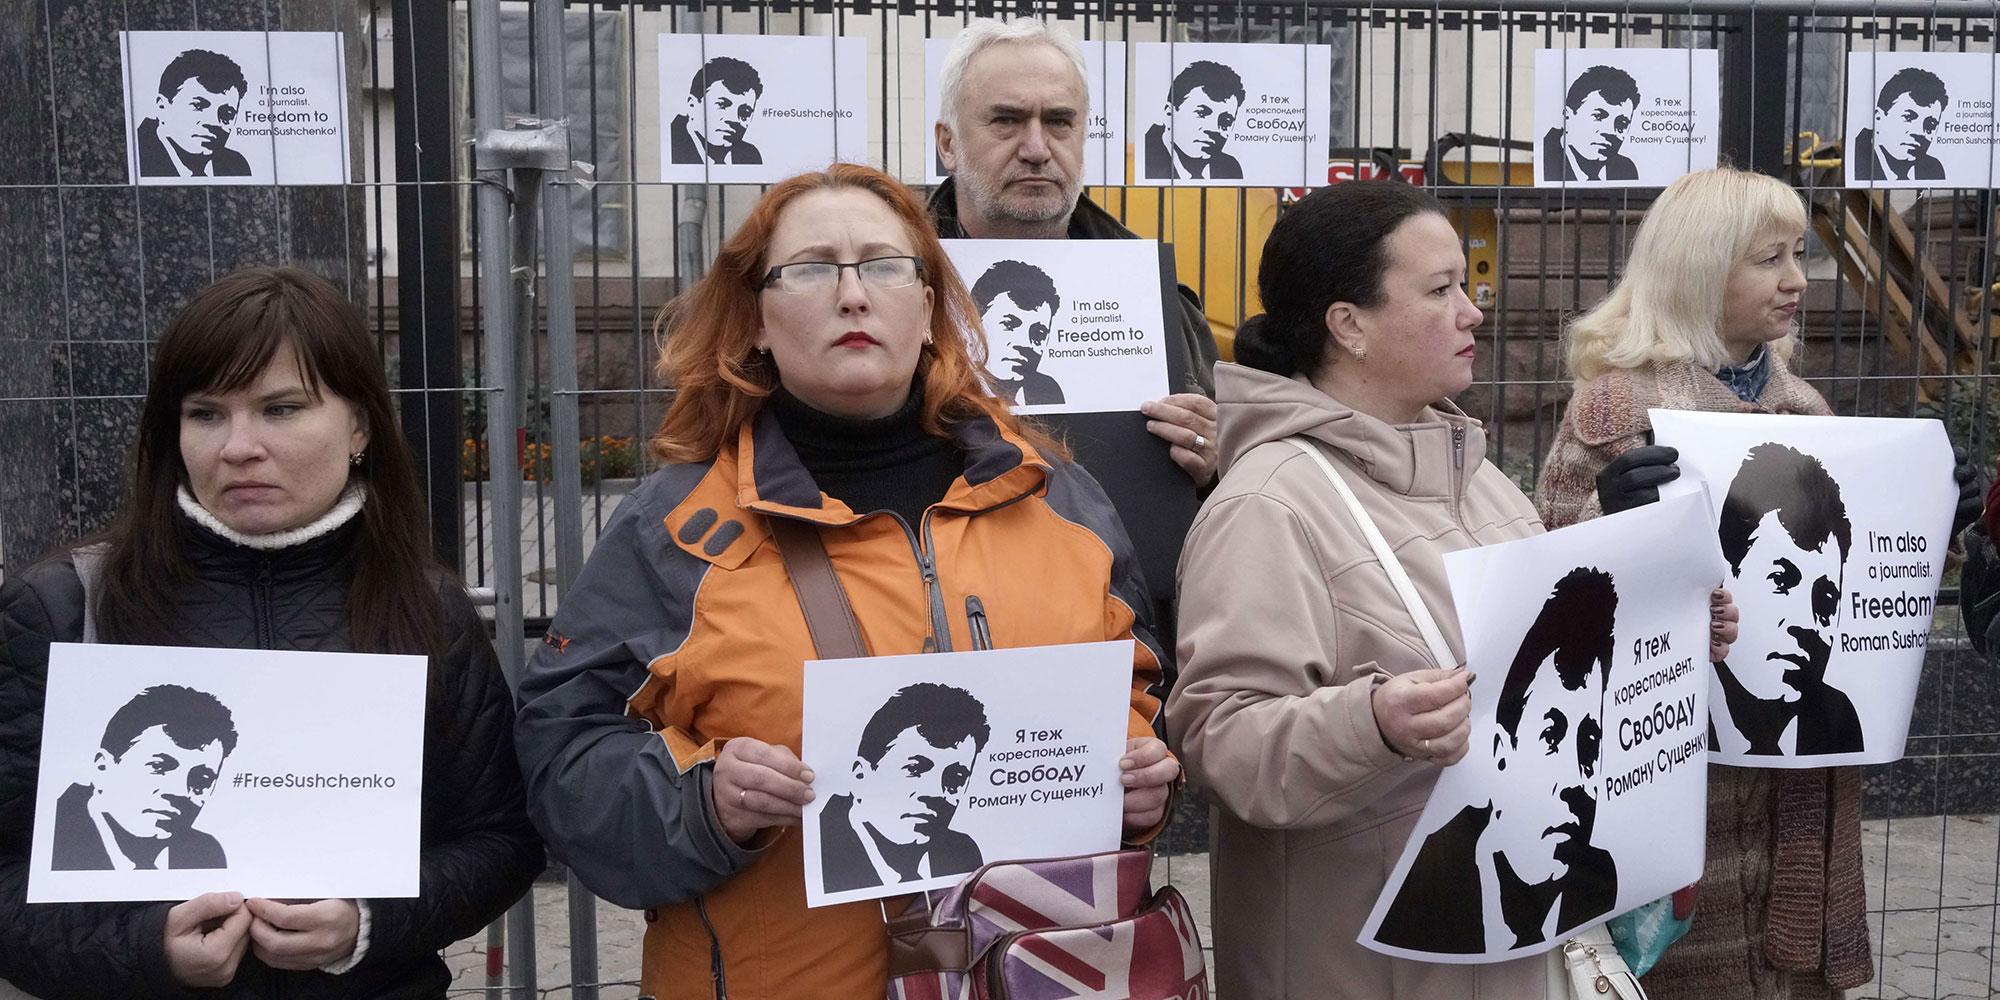 gratuit Ukraine rencontres services sites de rencontre de l'autisme gratuit